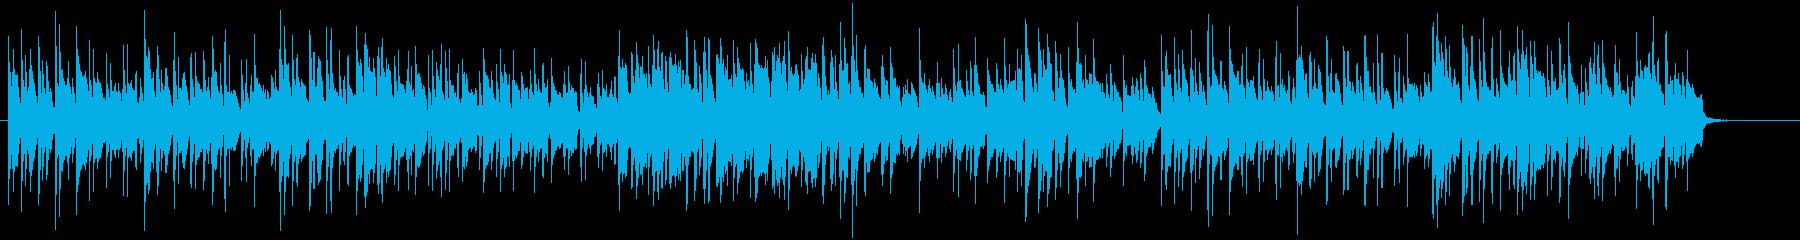 ほのぼのとした、さわやかなボサノバの再生済みの波形